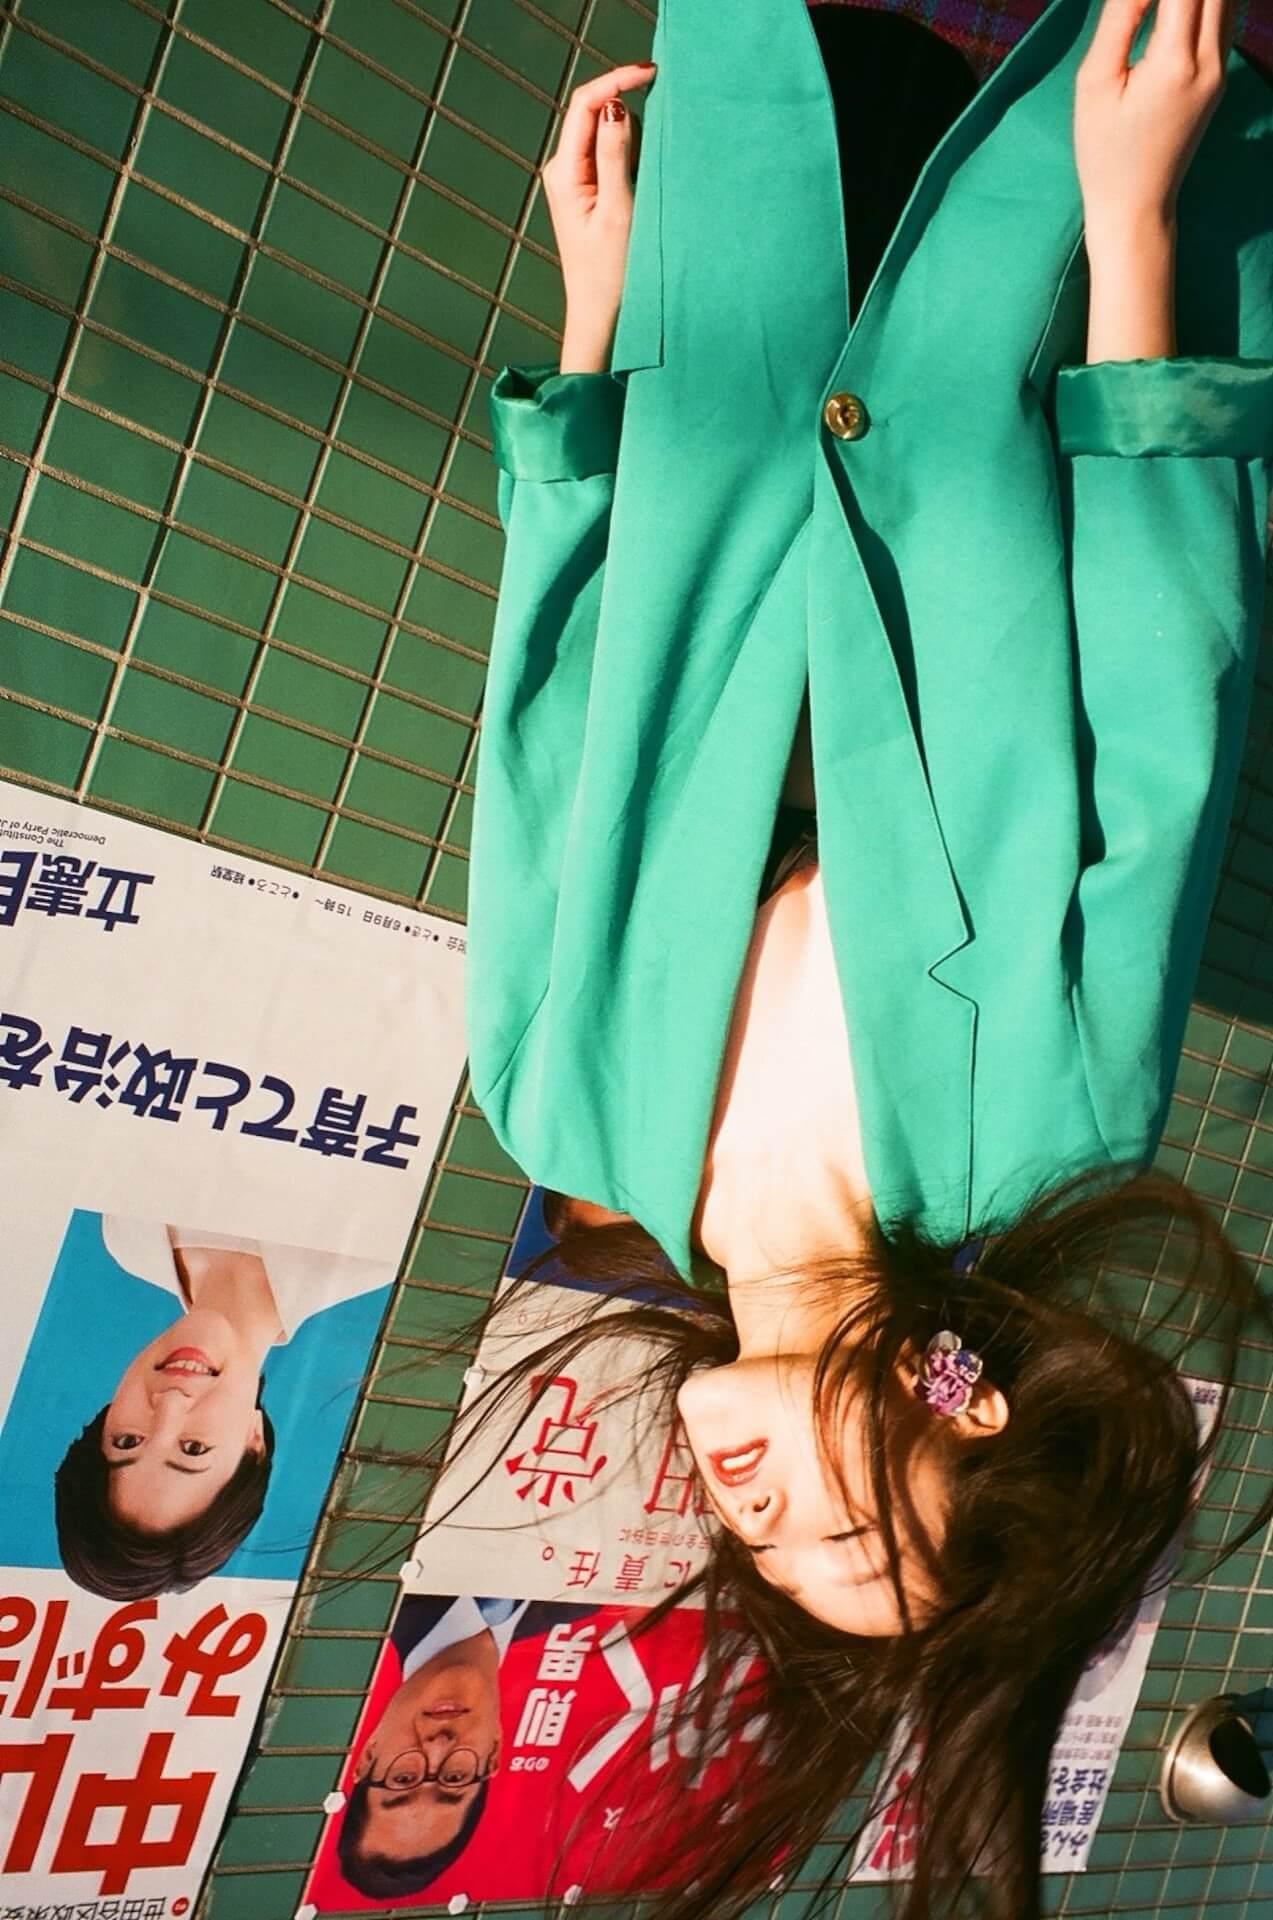 どうも東京の人にはなれなかったらしい|run rarara181215-run-3